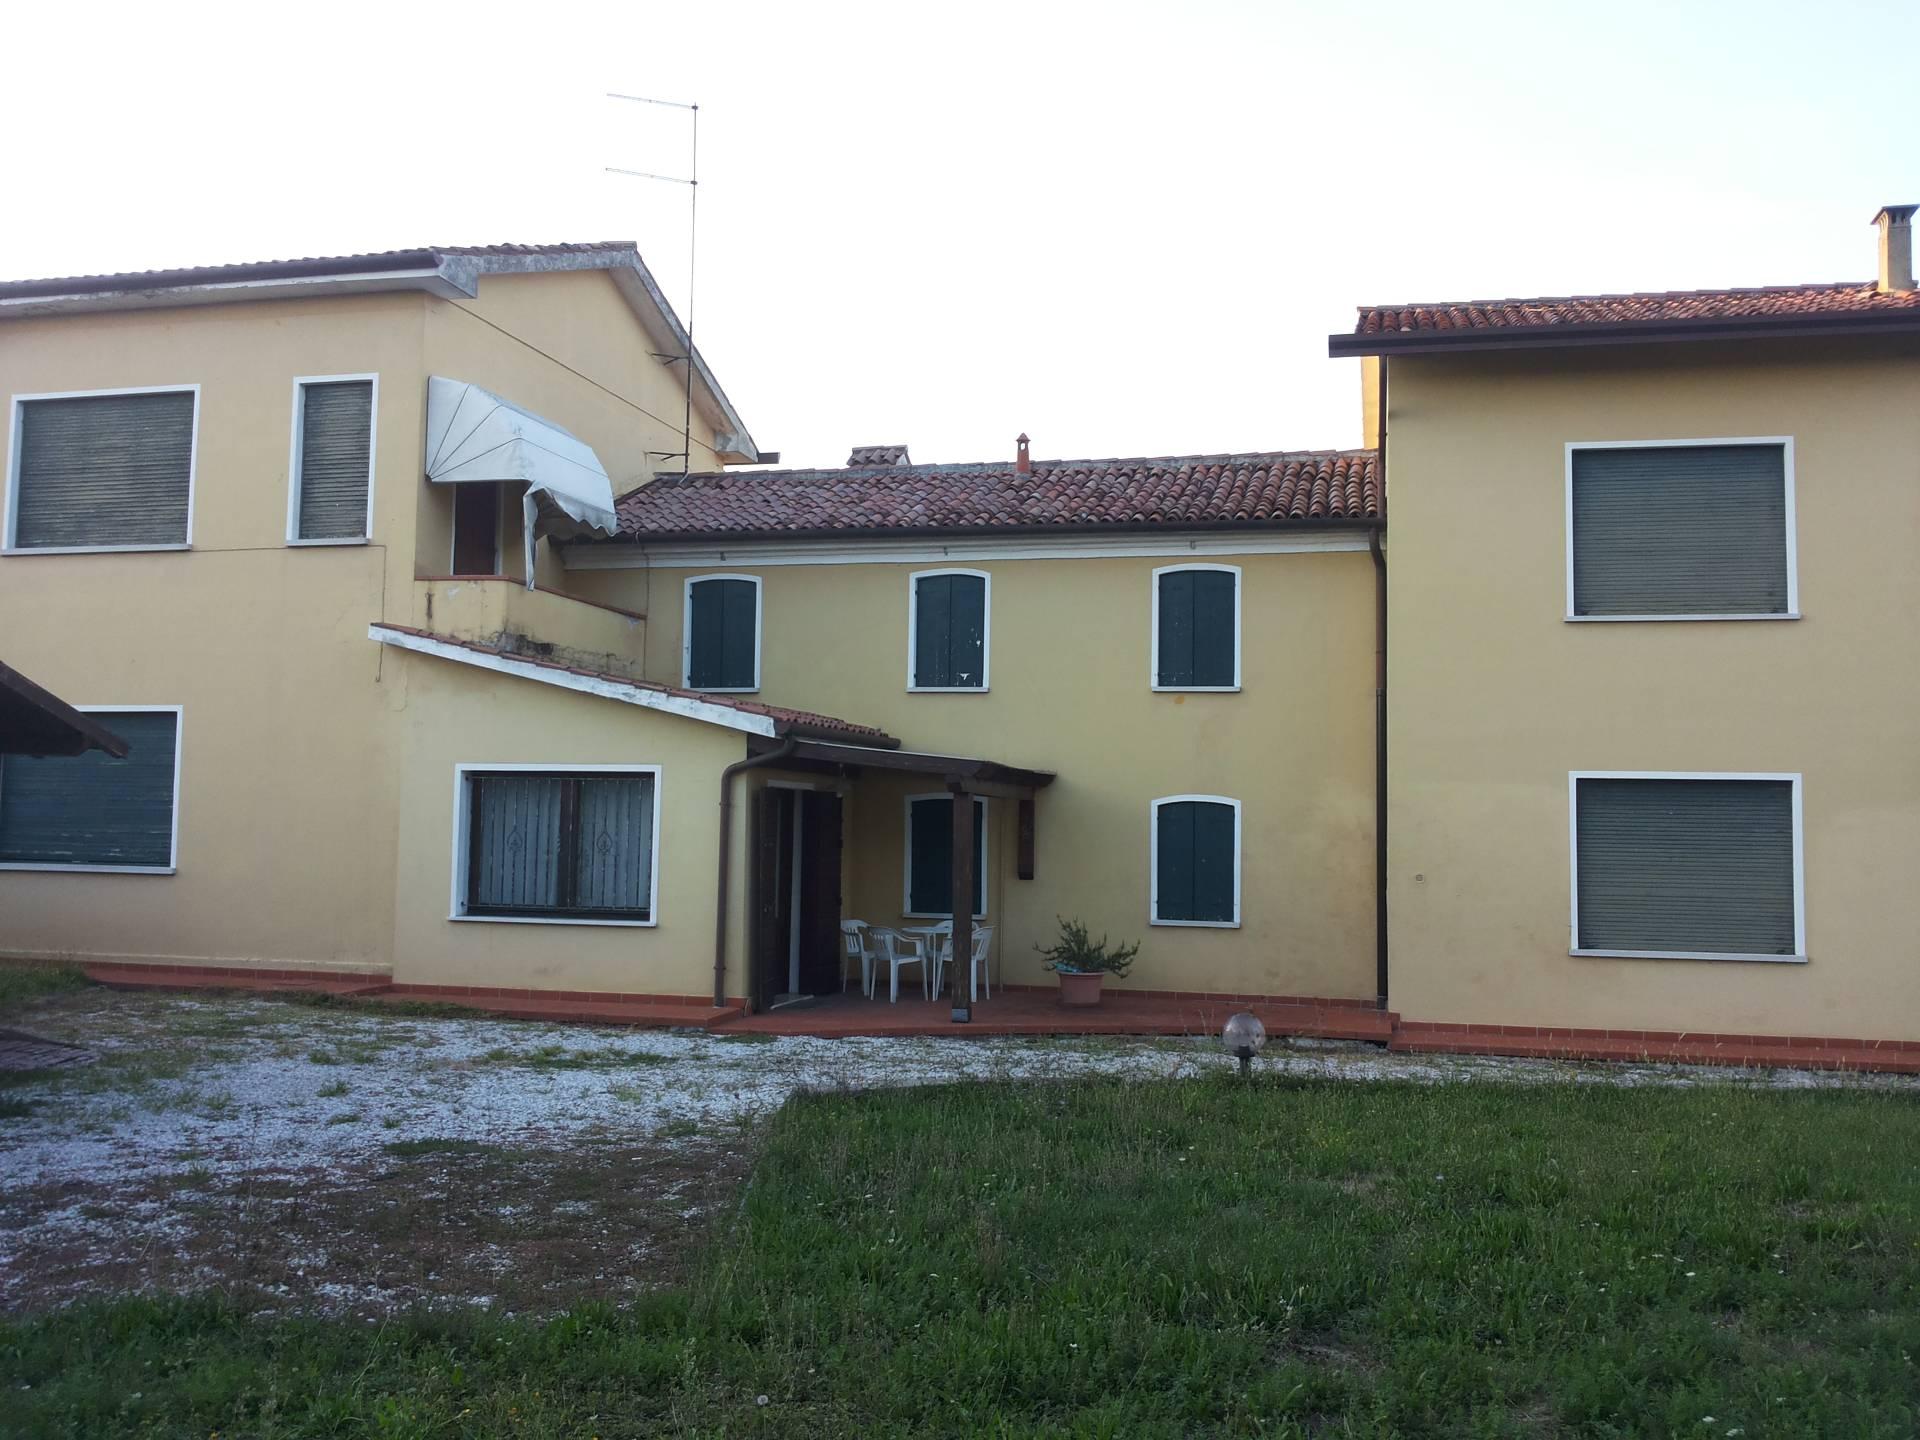 Villa in vendita a Treviso, 9 locali, zona Località: ZonaOspedale, prezzo € 320.000 | CambioCasa.it